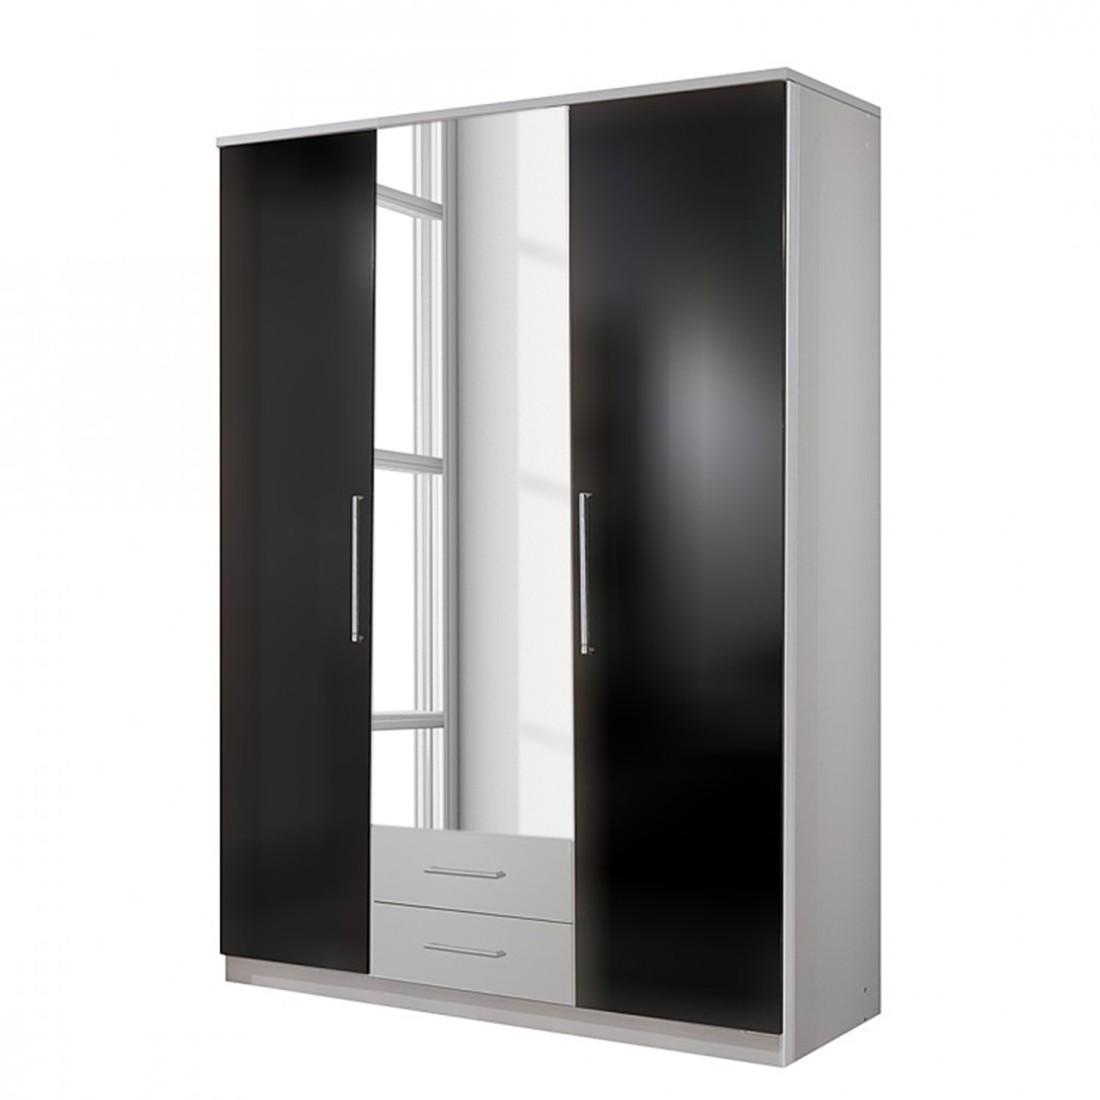 goedkoop Draaideurkast Claudine met spiegel parelglans zwart alpinewit 135cm 3 deurs 2 lades Wimex